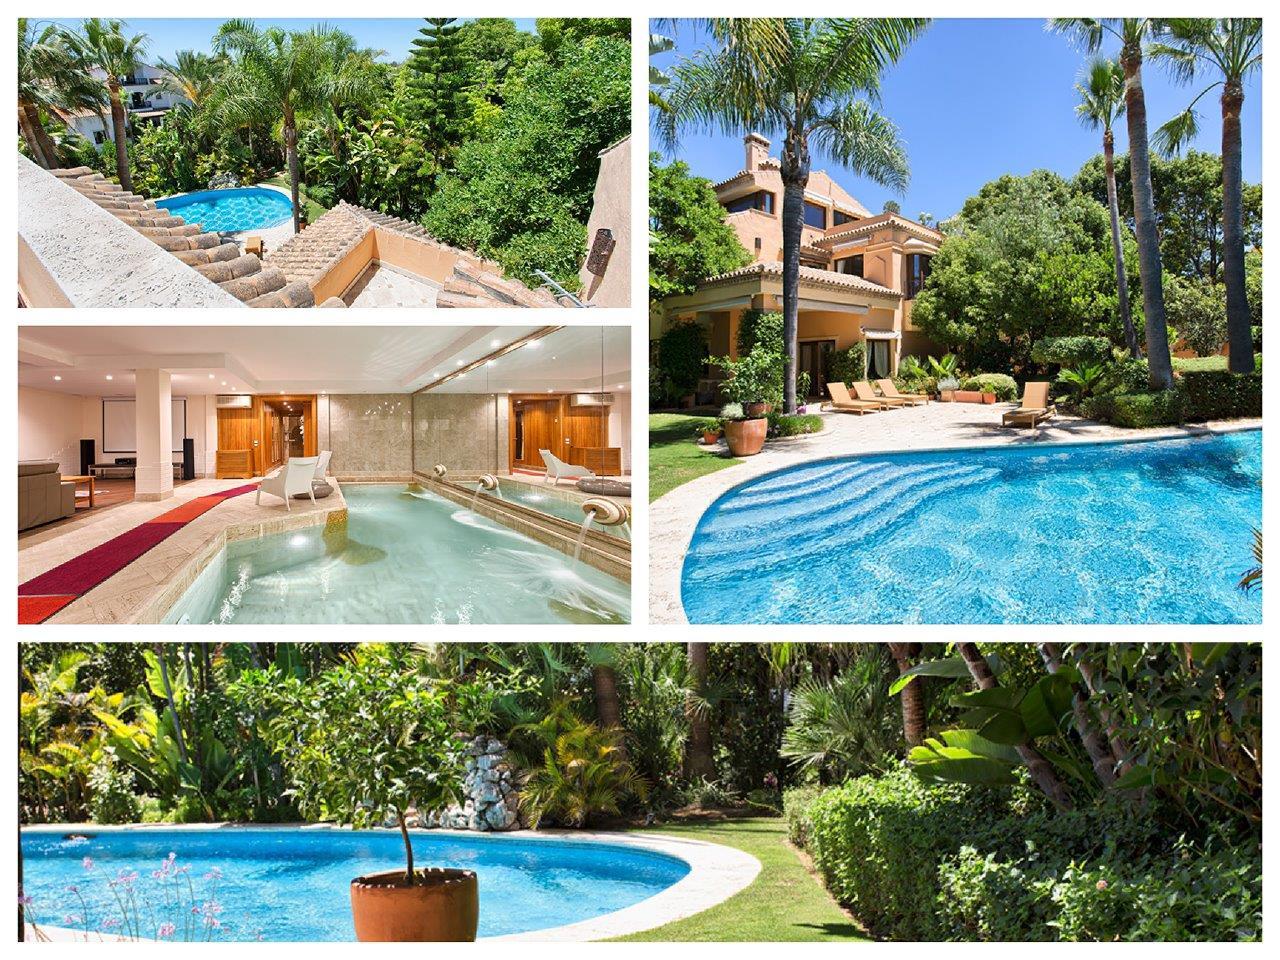 Villa in Altos de Puente Romano Marbella for sale